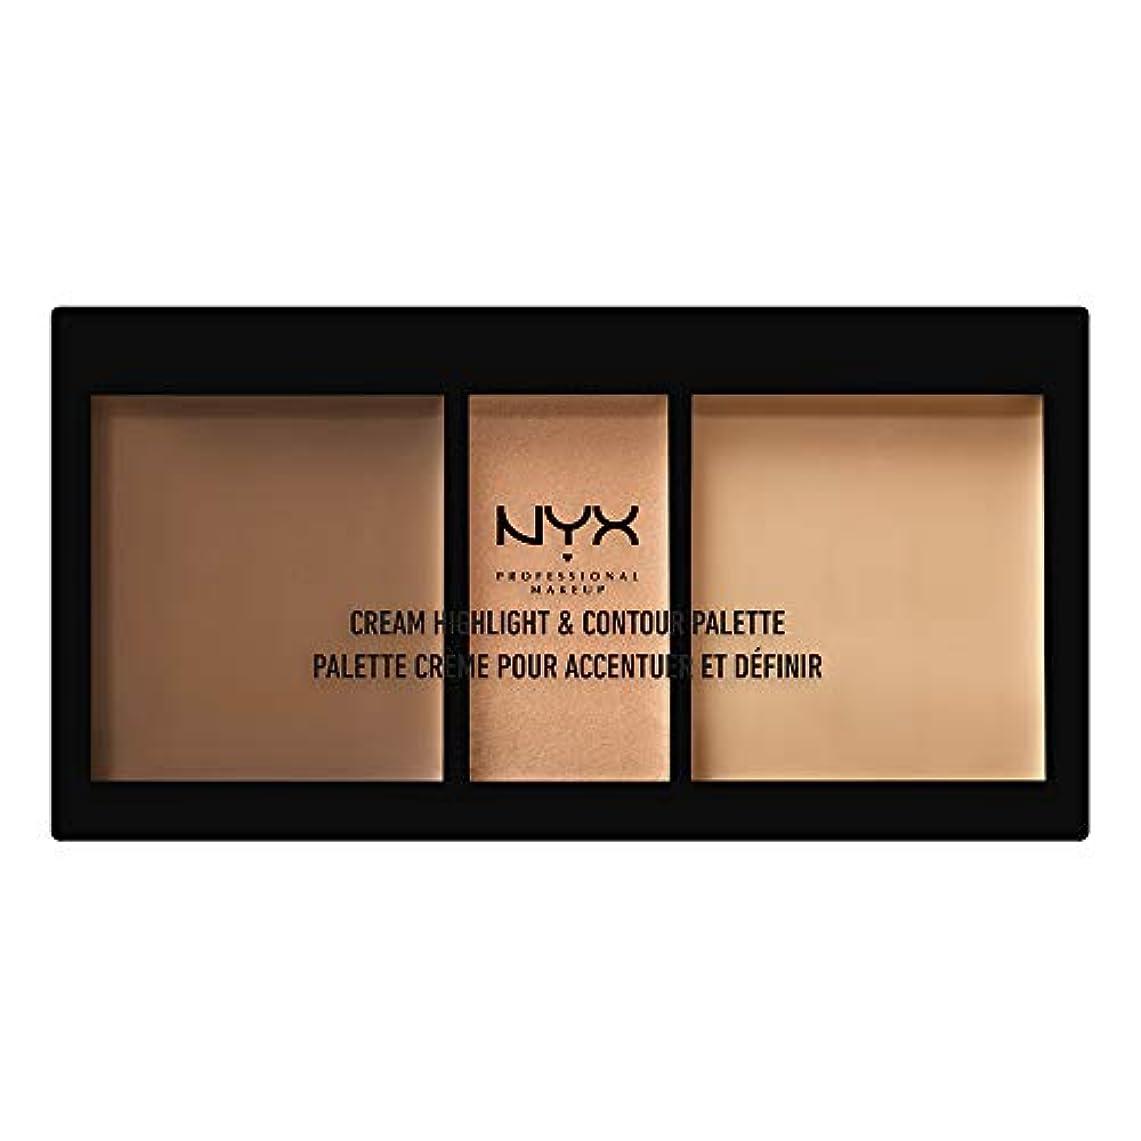 透ける腹部物理NYX(ニックス) クリーム ハイライト&コントゥアー パレット 02 カラー?ミディアム フェイスパレット